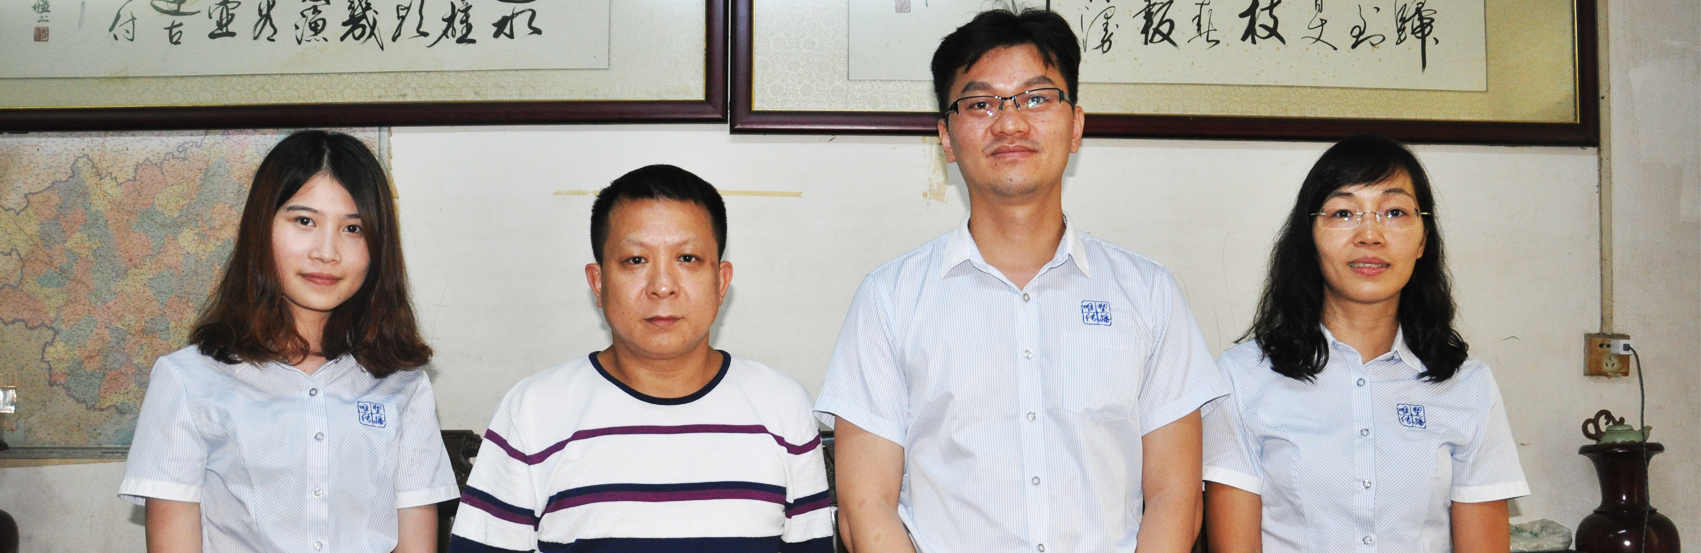 南宁德茂:广西药包瓶行业领导者